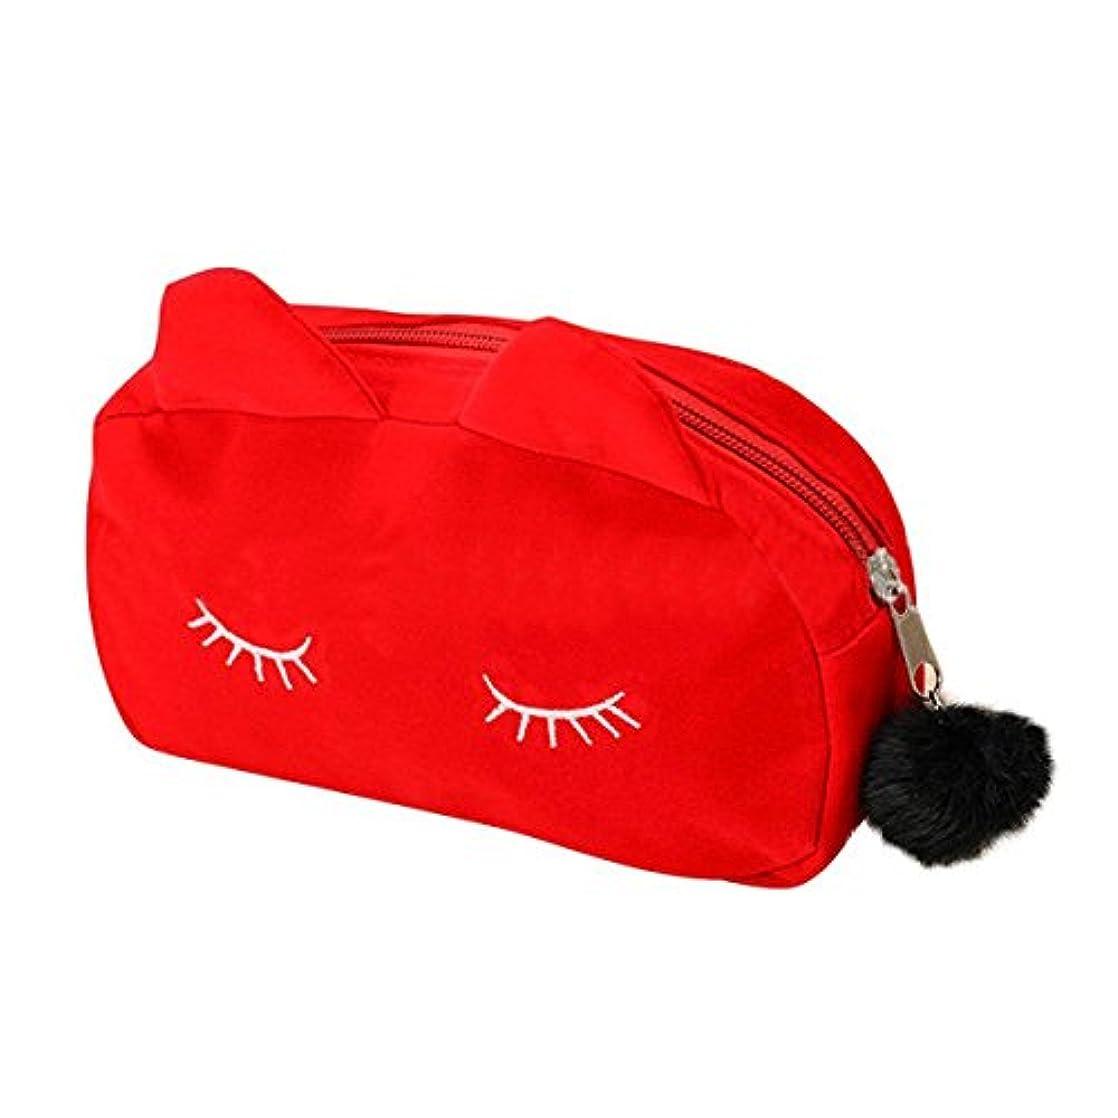 猫 化粧ポーチ バニティベロア ポンポン付き 赤